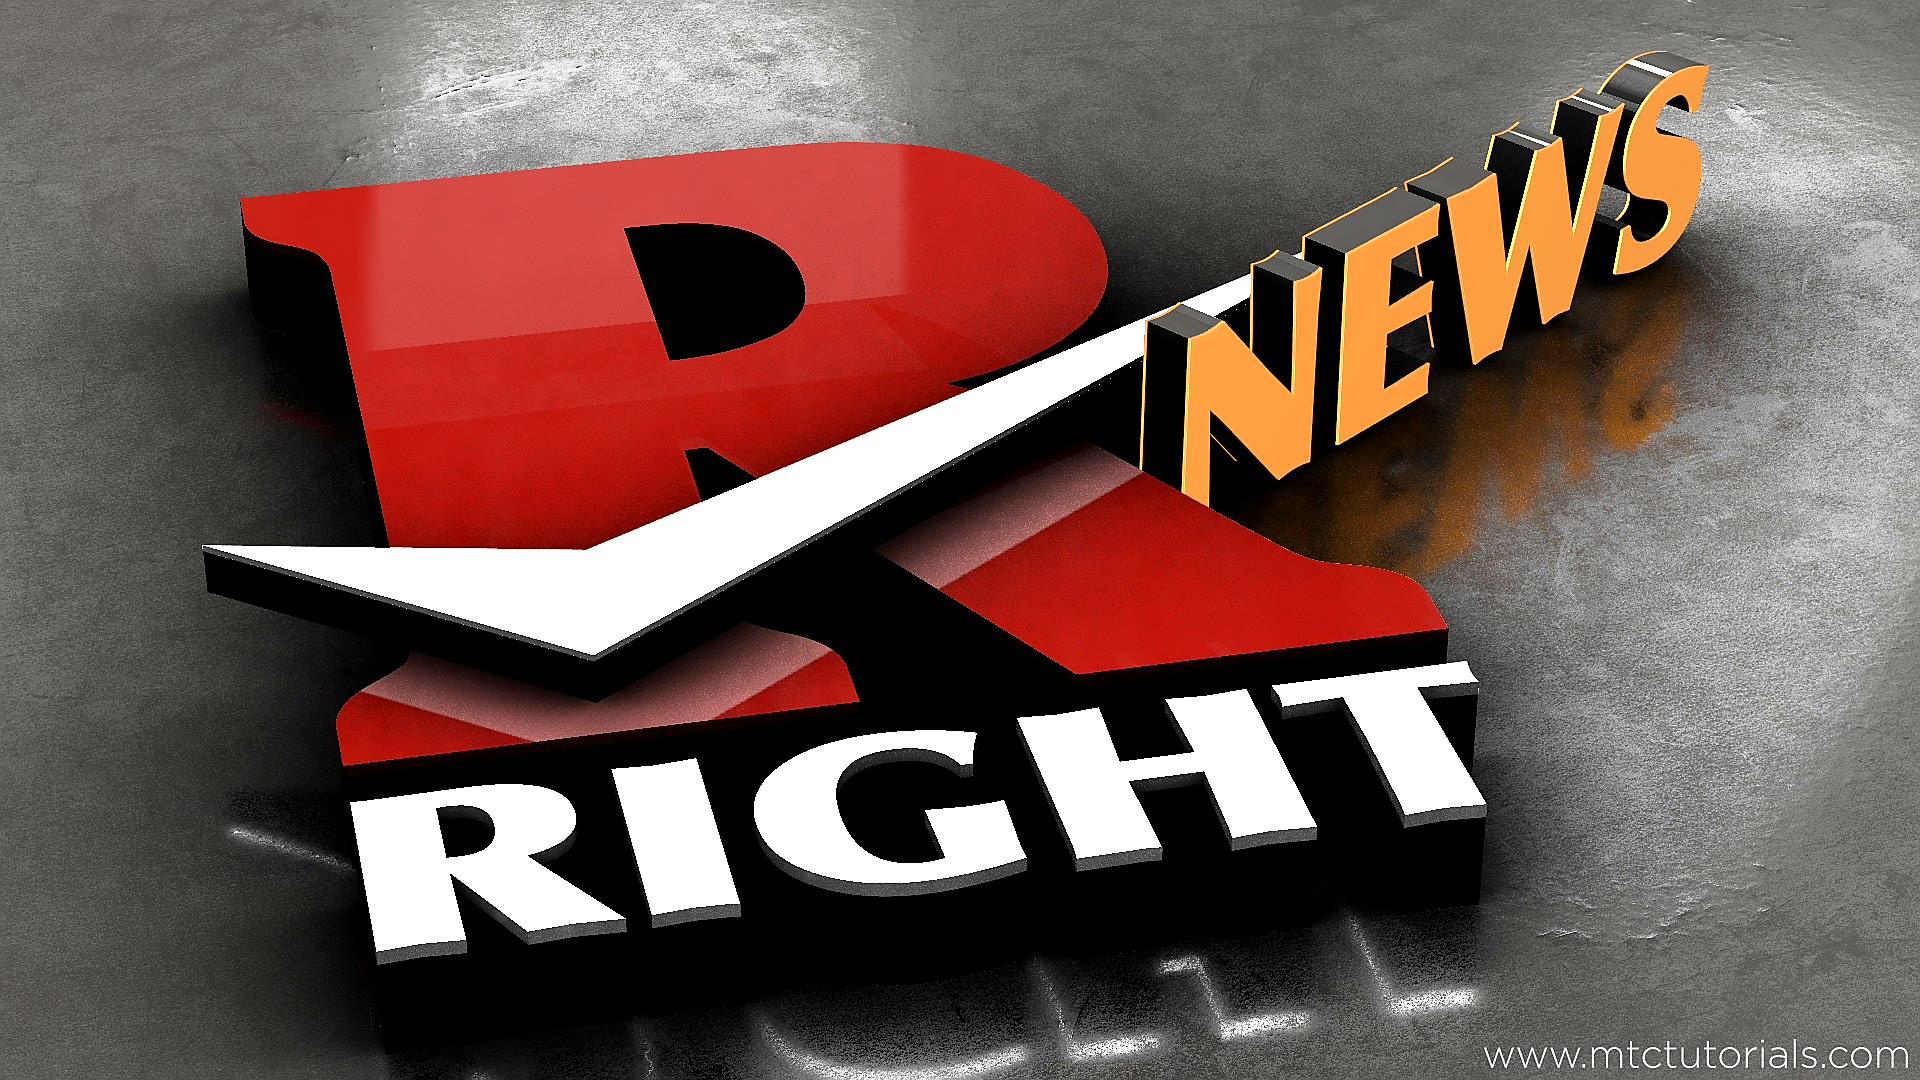 R logo 3D